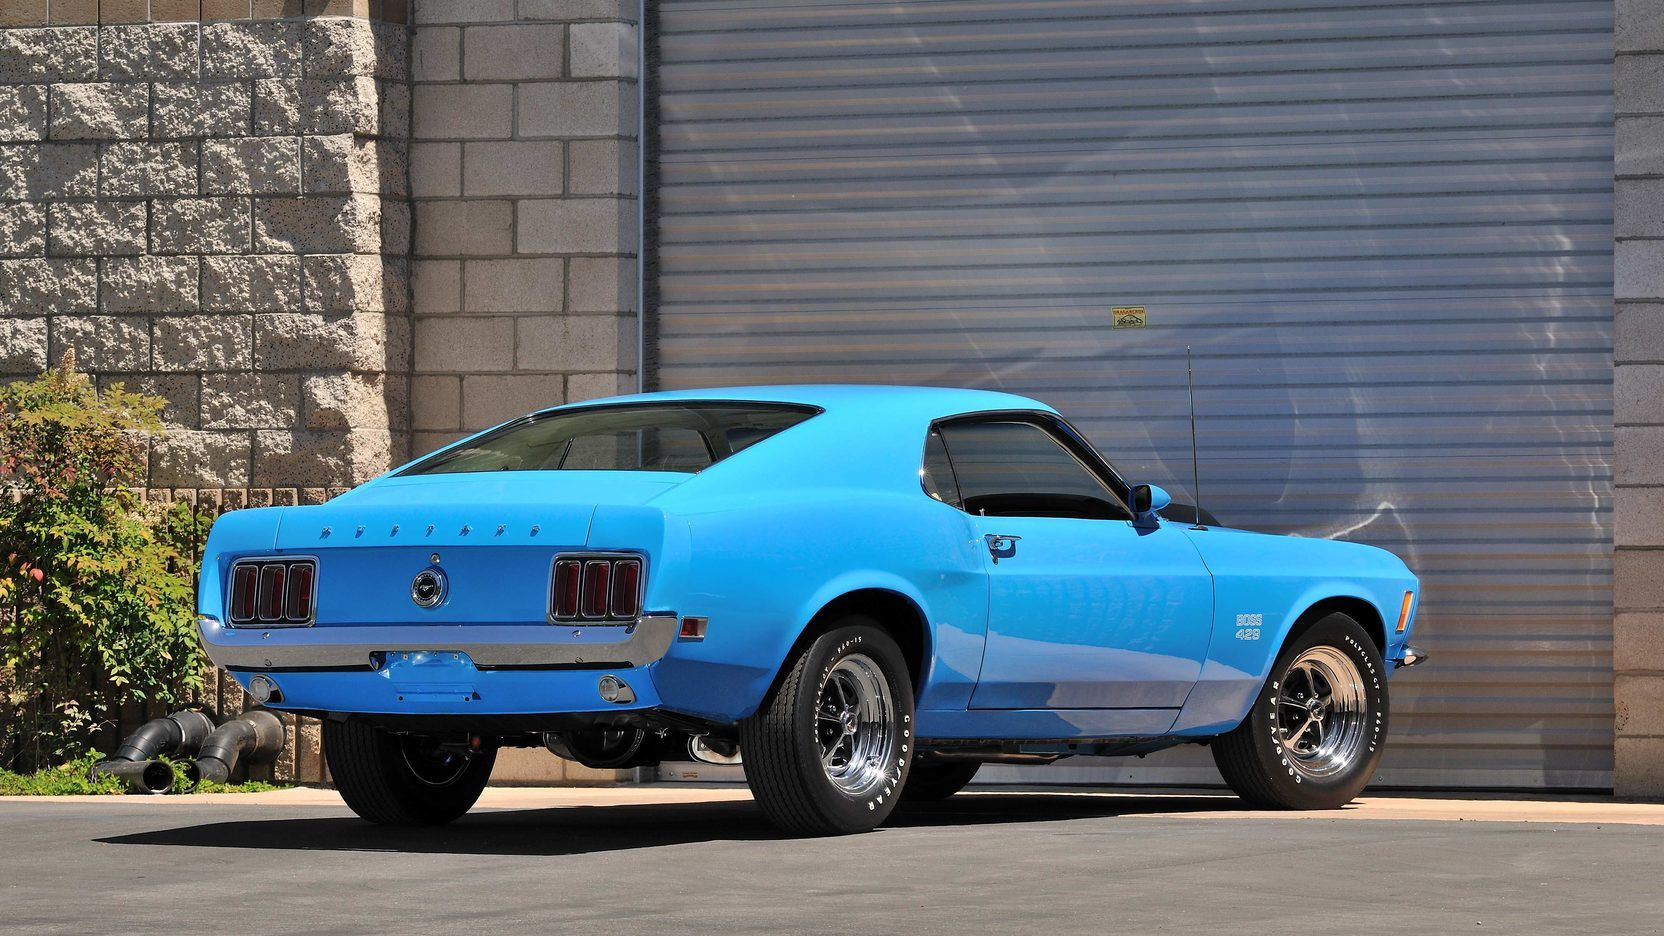 1970 Ford Mustang Boss 429 In Grabber Blue Kk 2192 With Motor From Kk 1864 Ford Mustang Boss 1970 Ford Mustang Ford Mustang